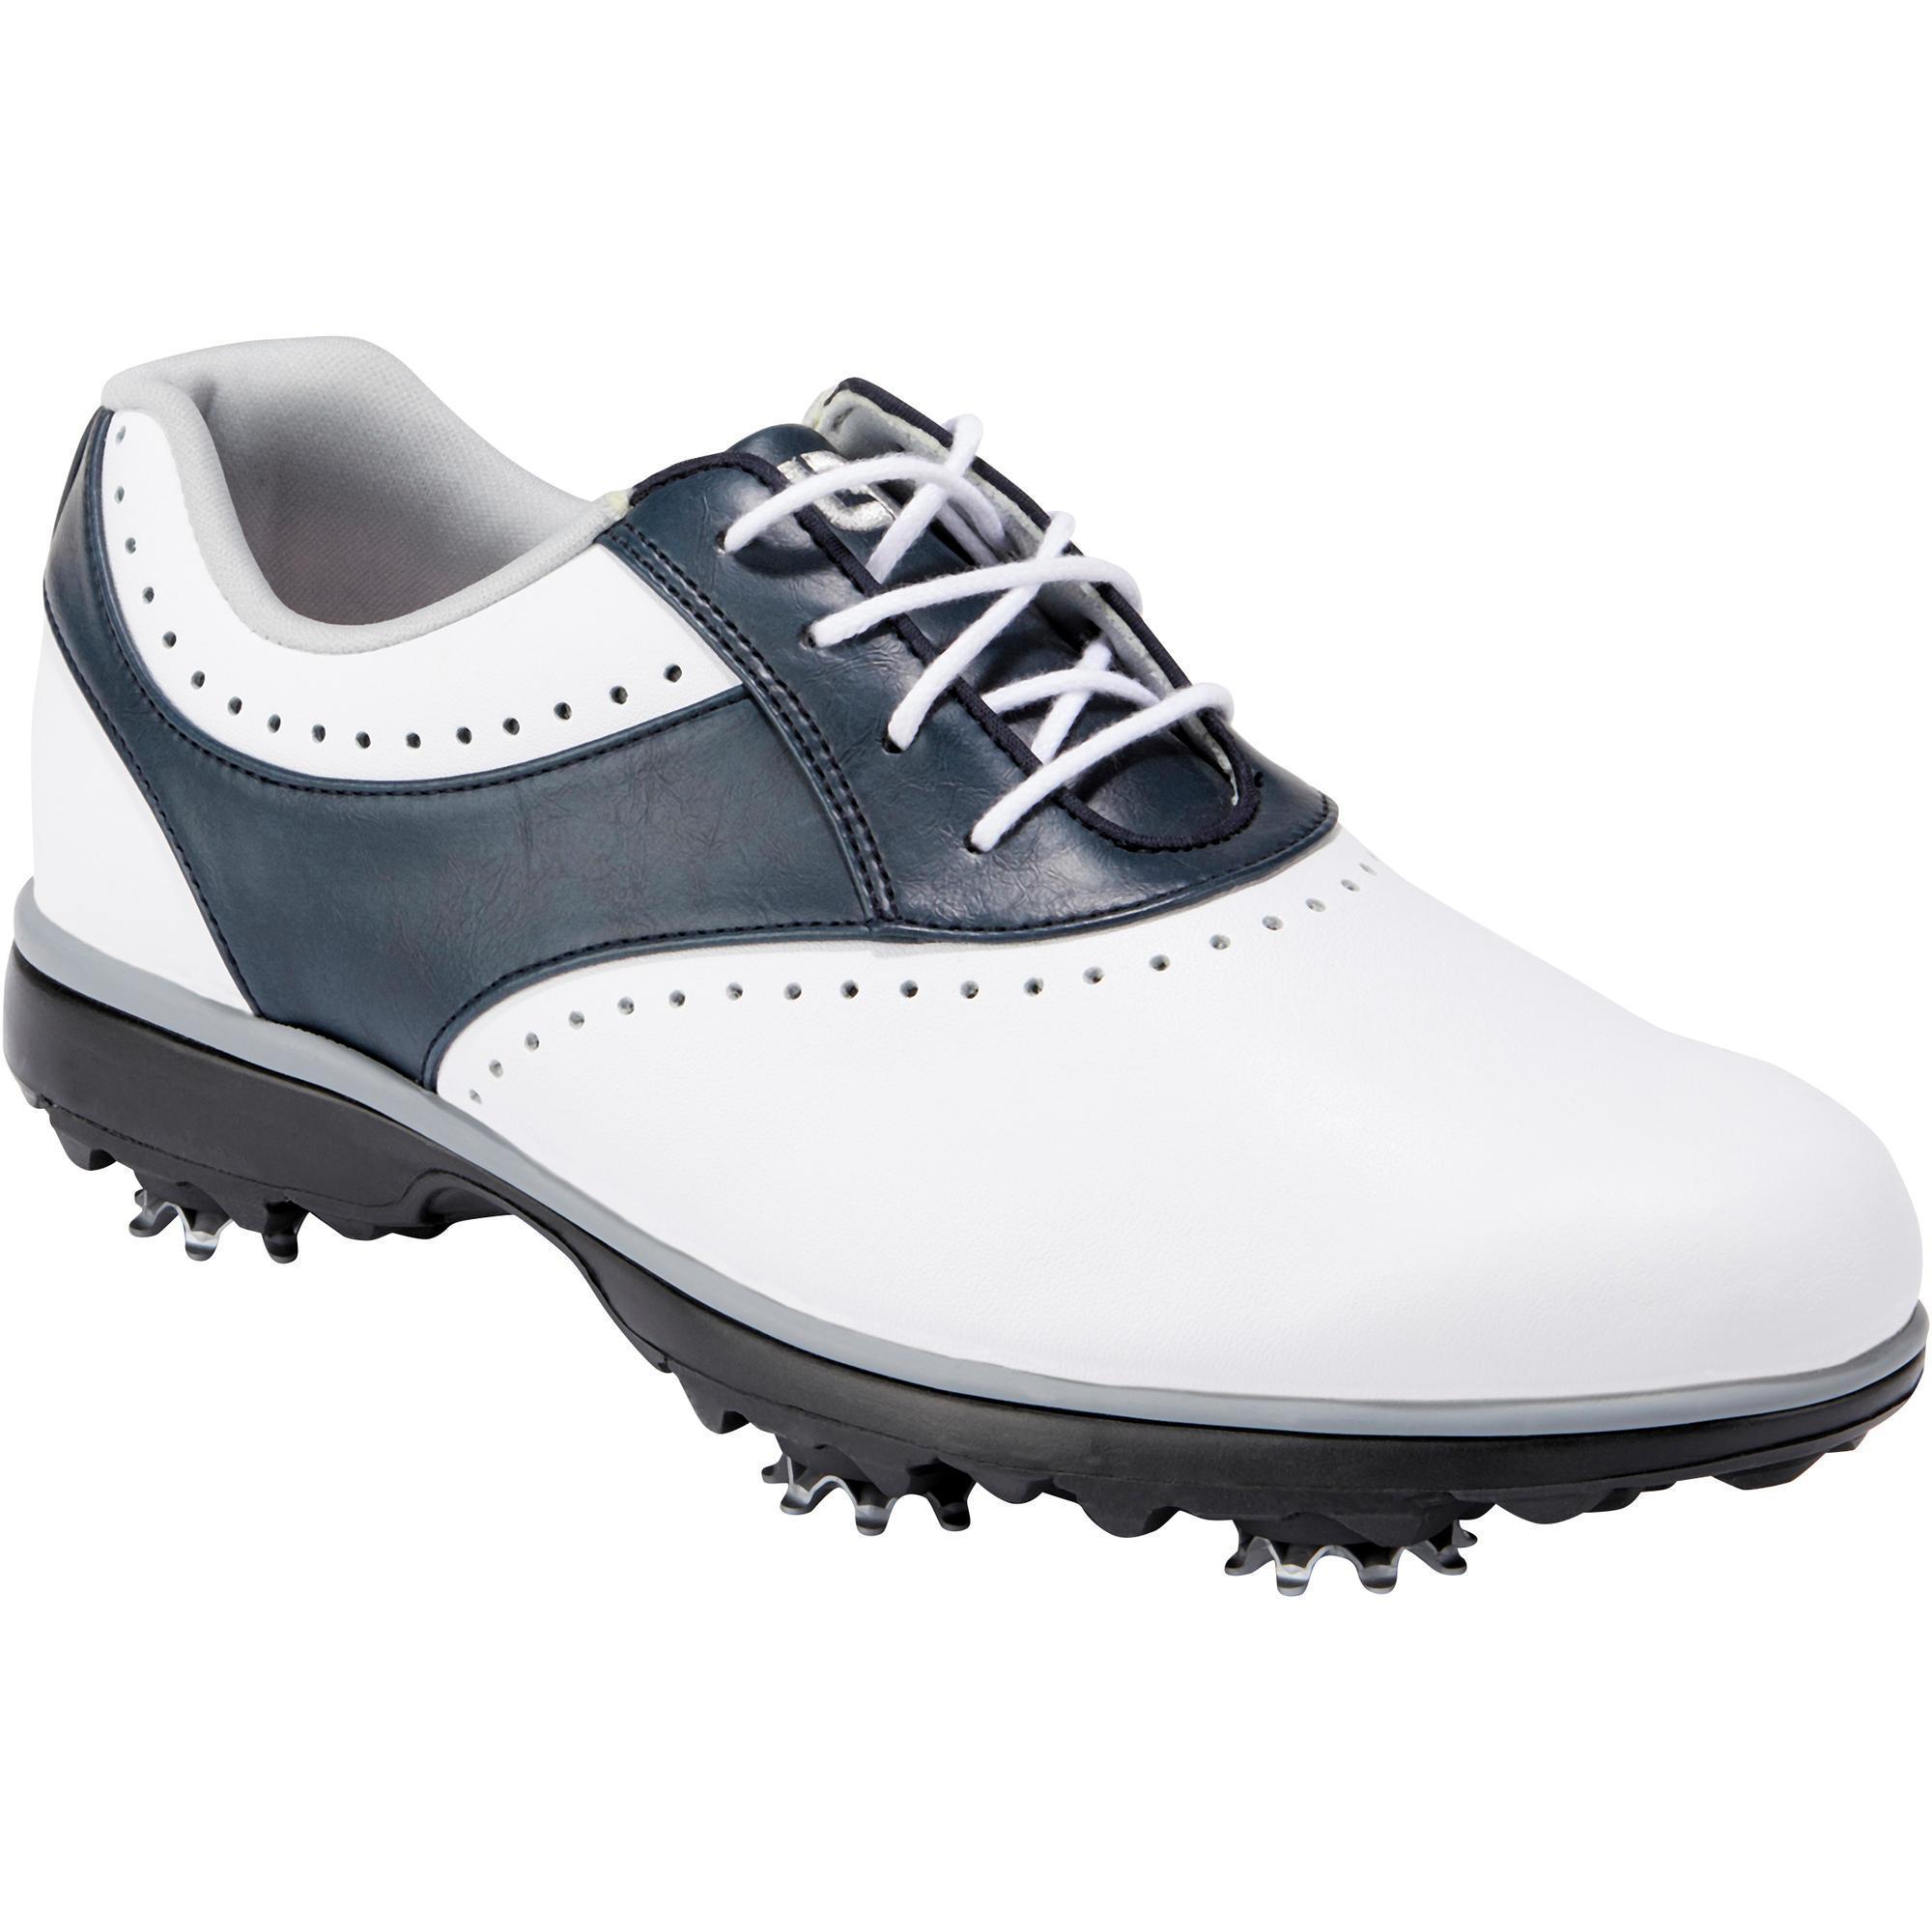 Footjoy Golfschoenen Emerge voor dames wit en marine